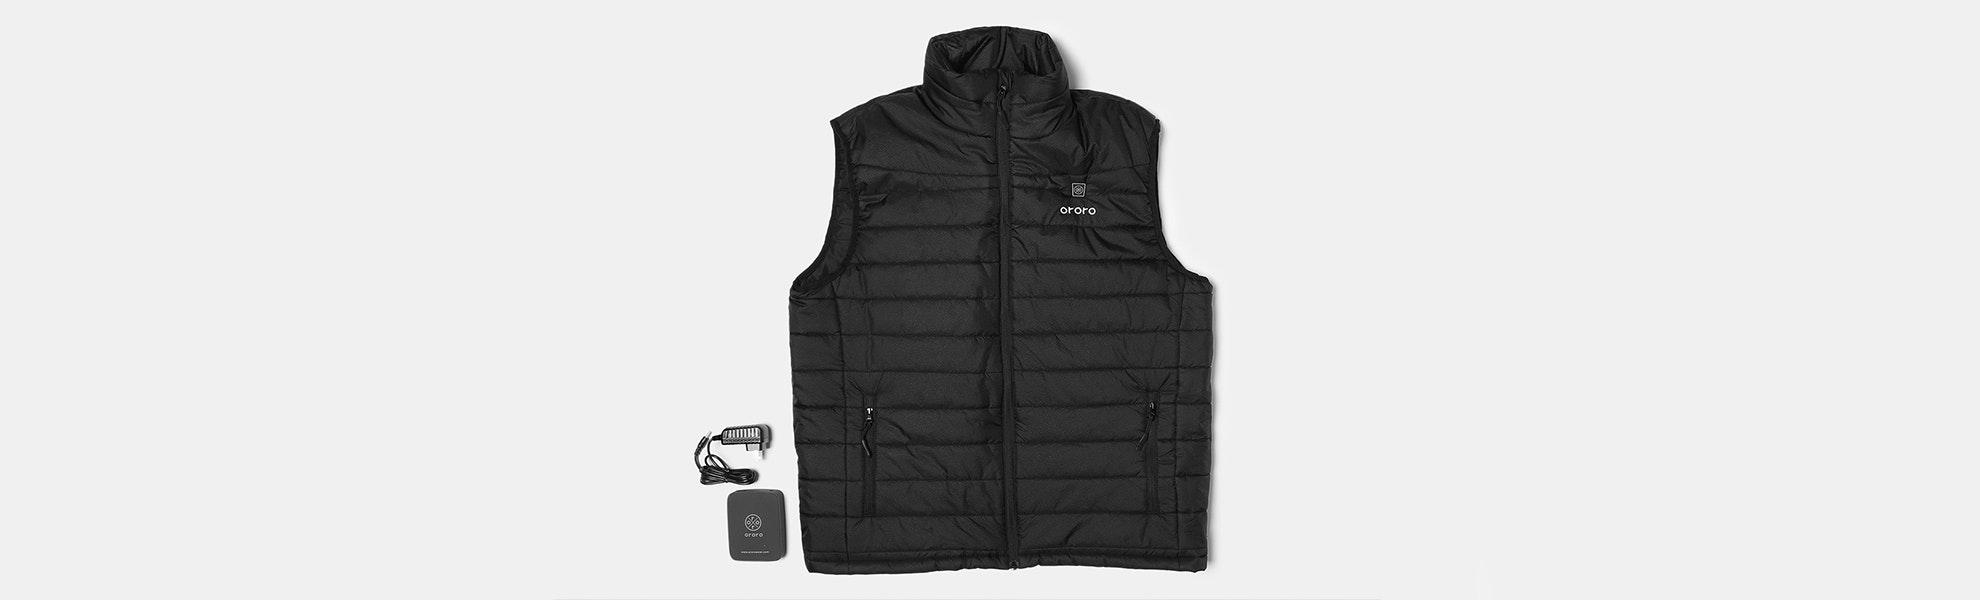 Ororo Heated Men's Jacket/Vest